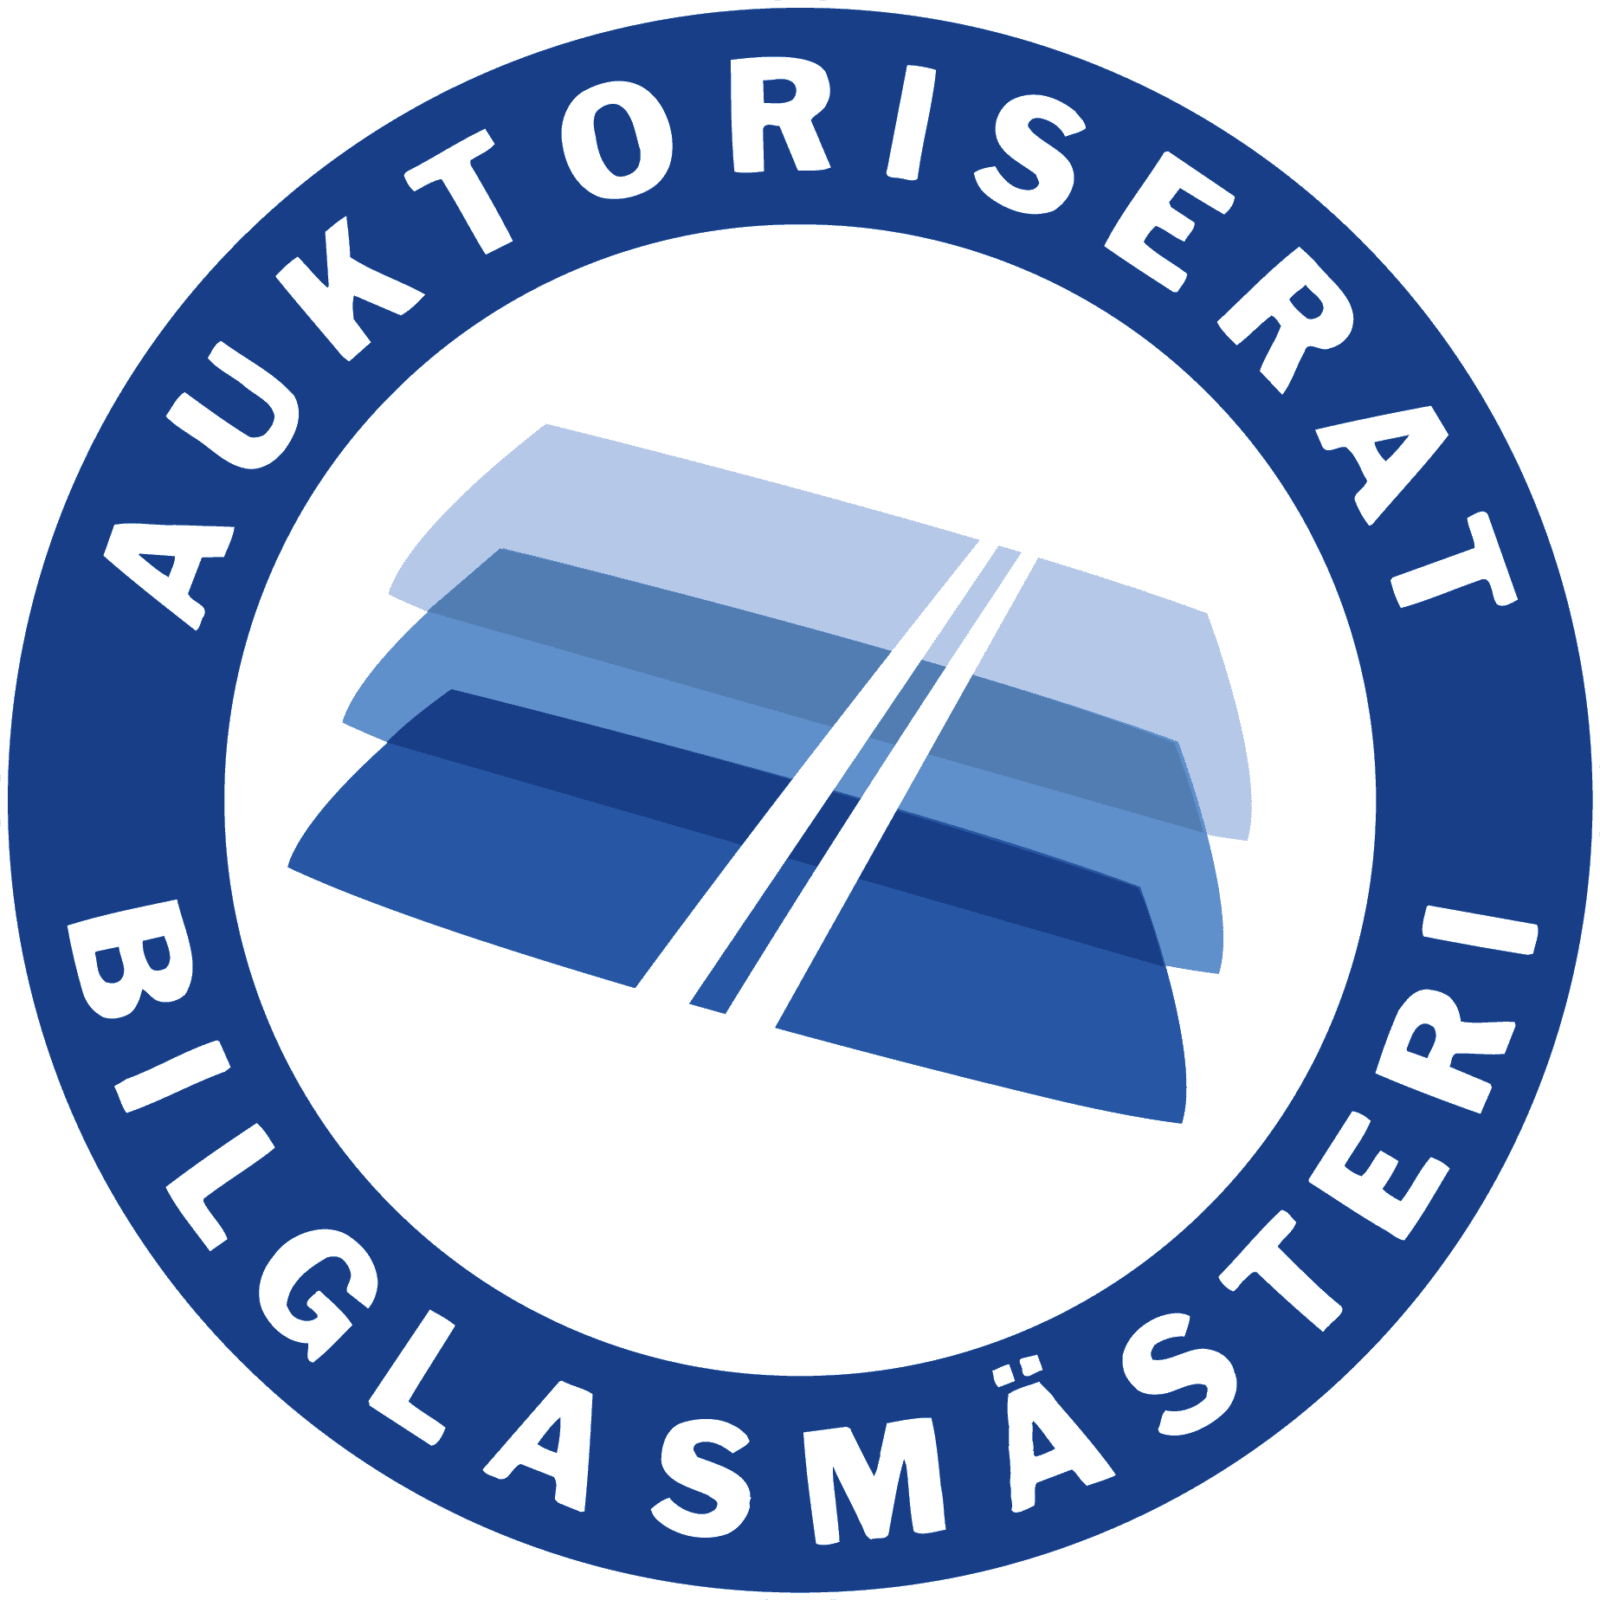 auktoriserat-bilglasmasteri